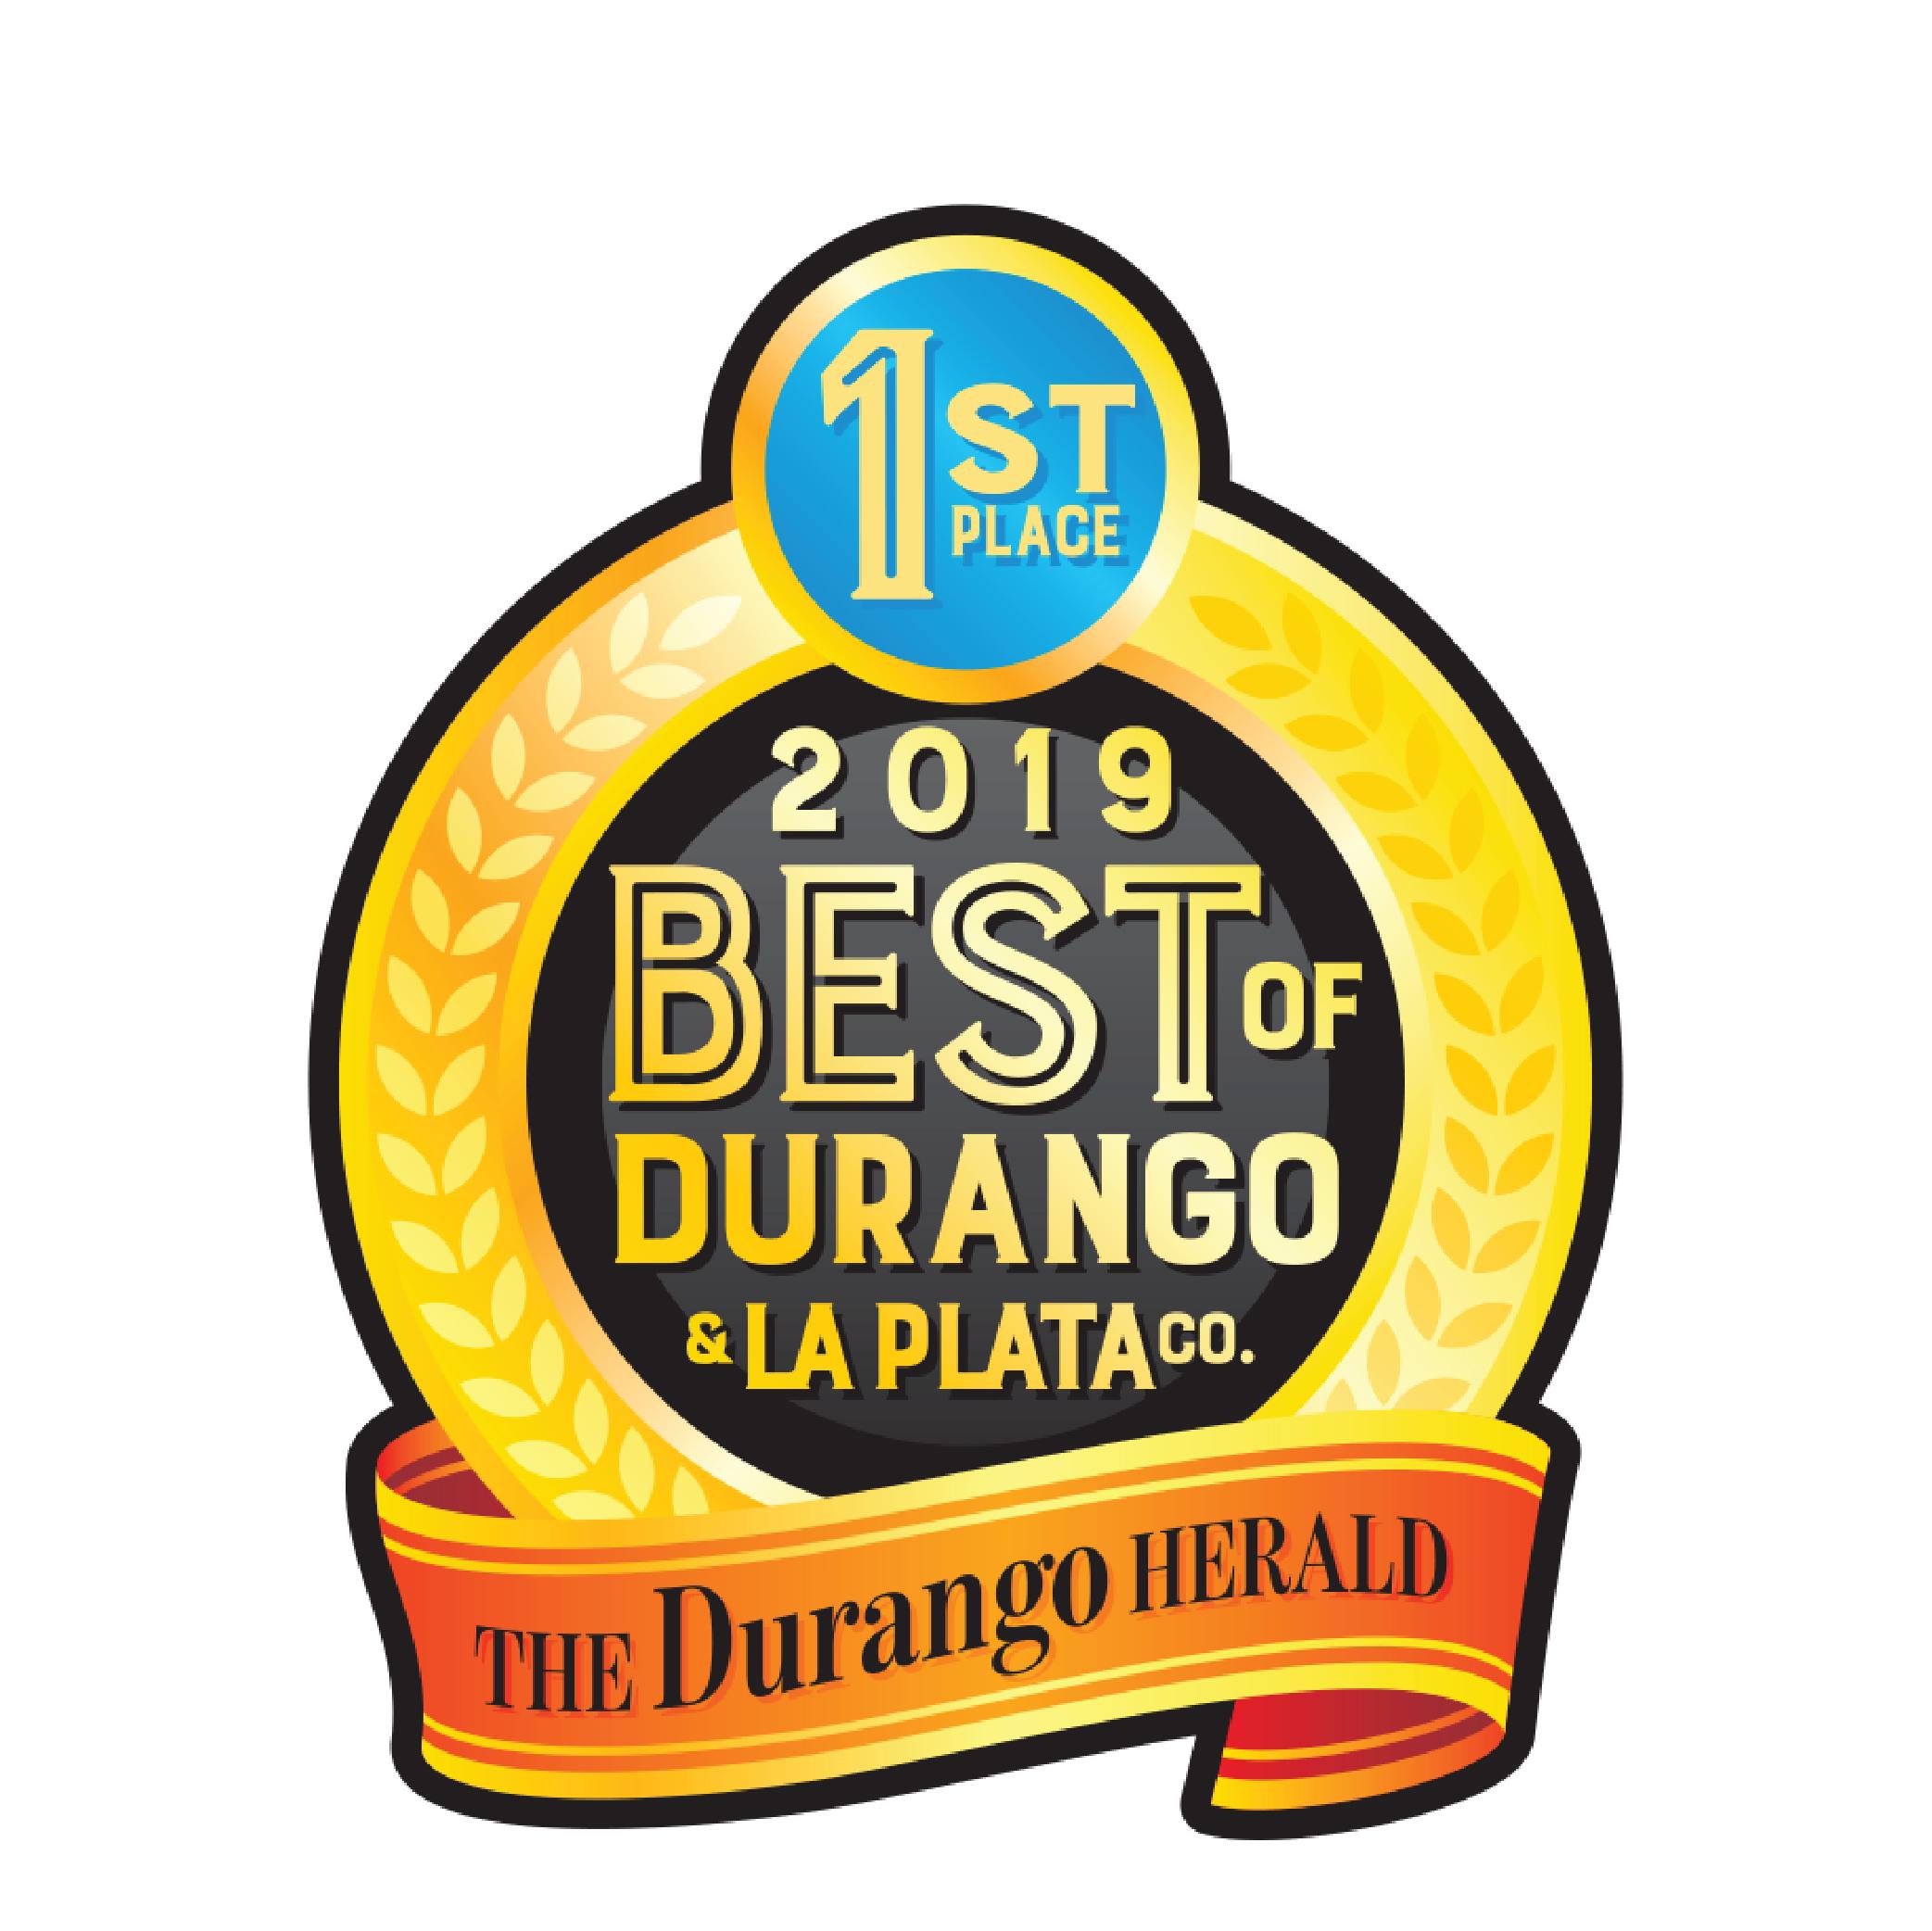 Best of Durango Award 2019